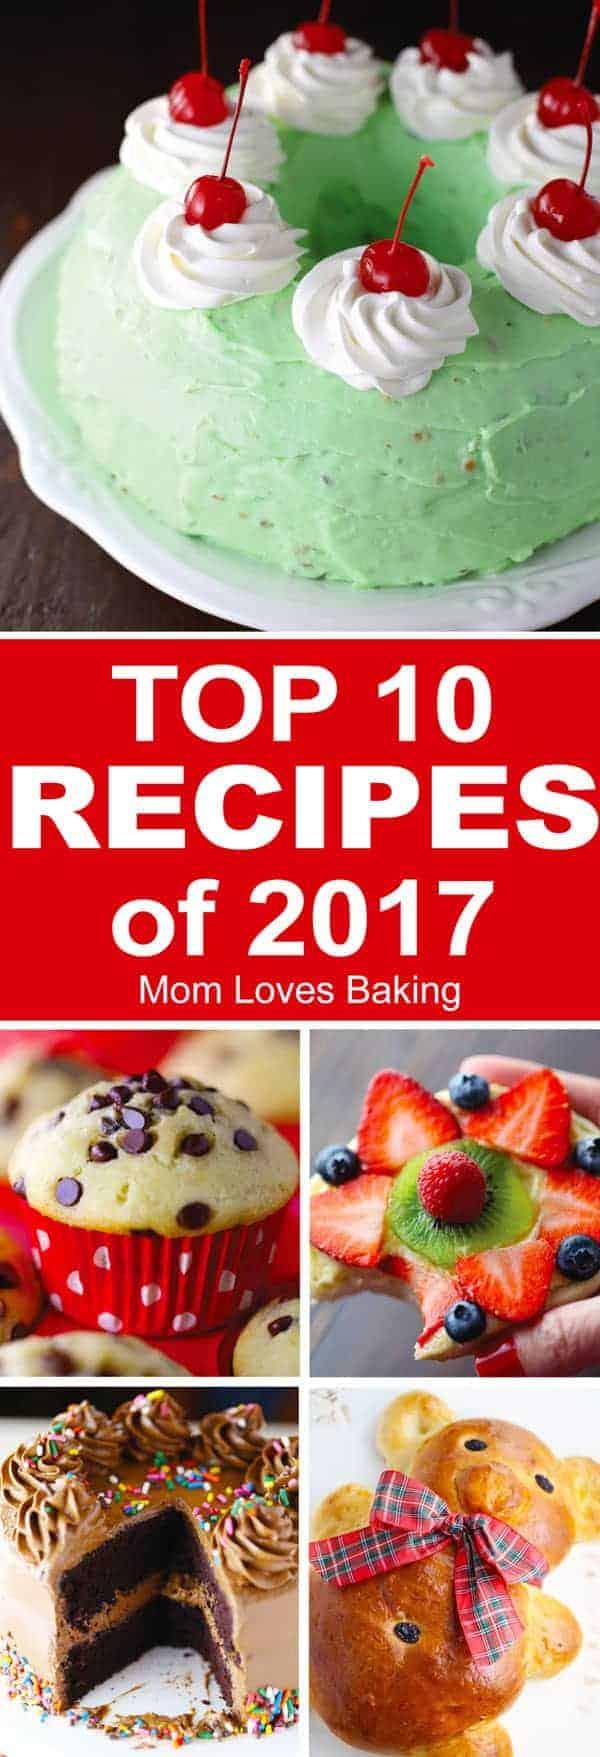 Top 10 Recipes 2017